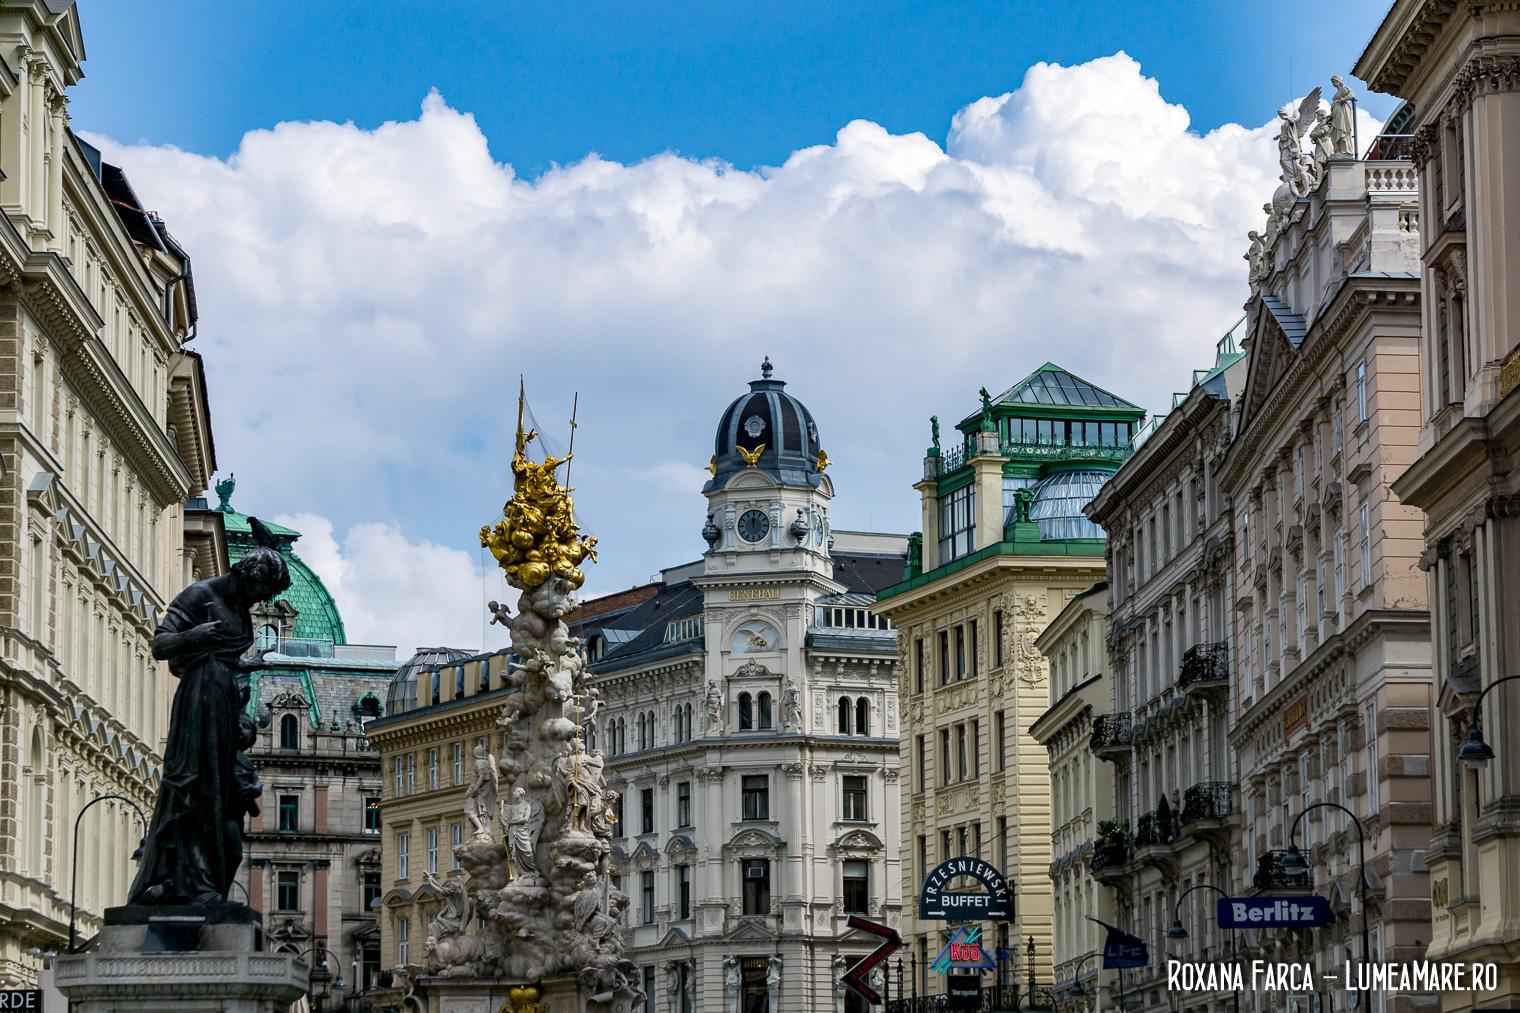 Breitenfurt bei Wien - Wikipedia